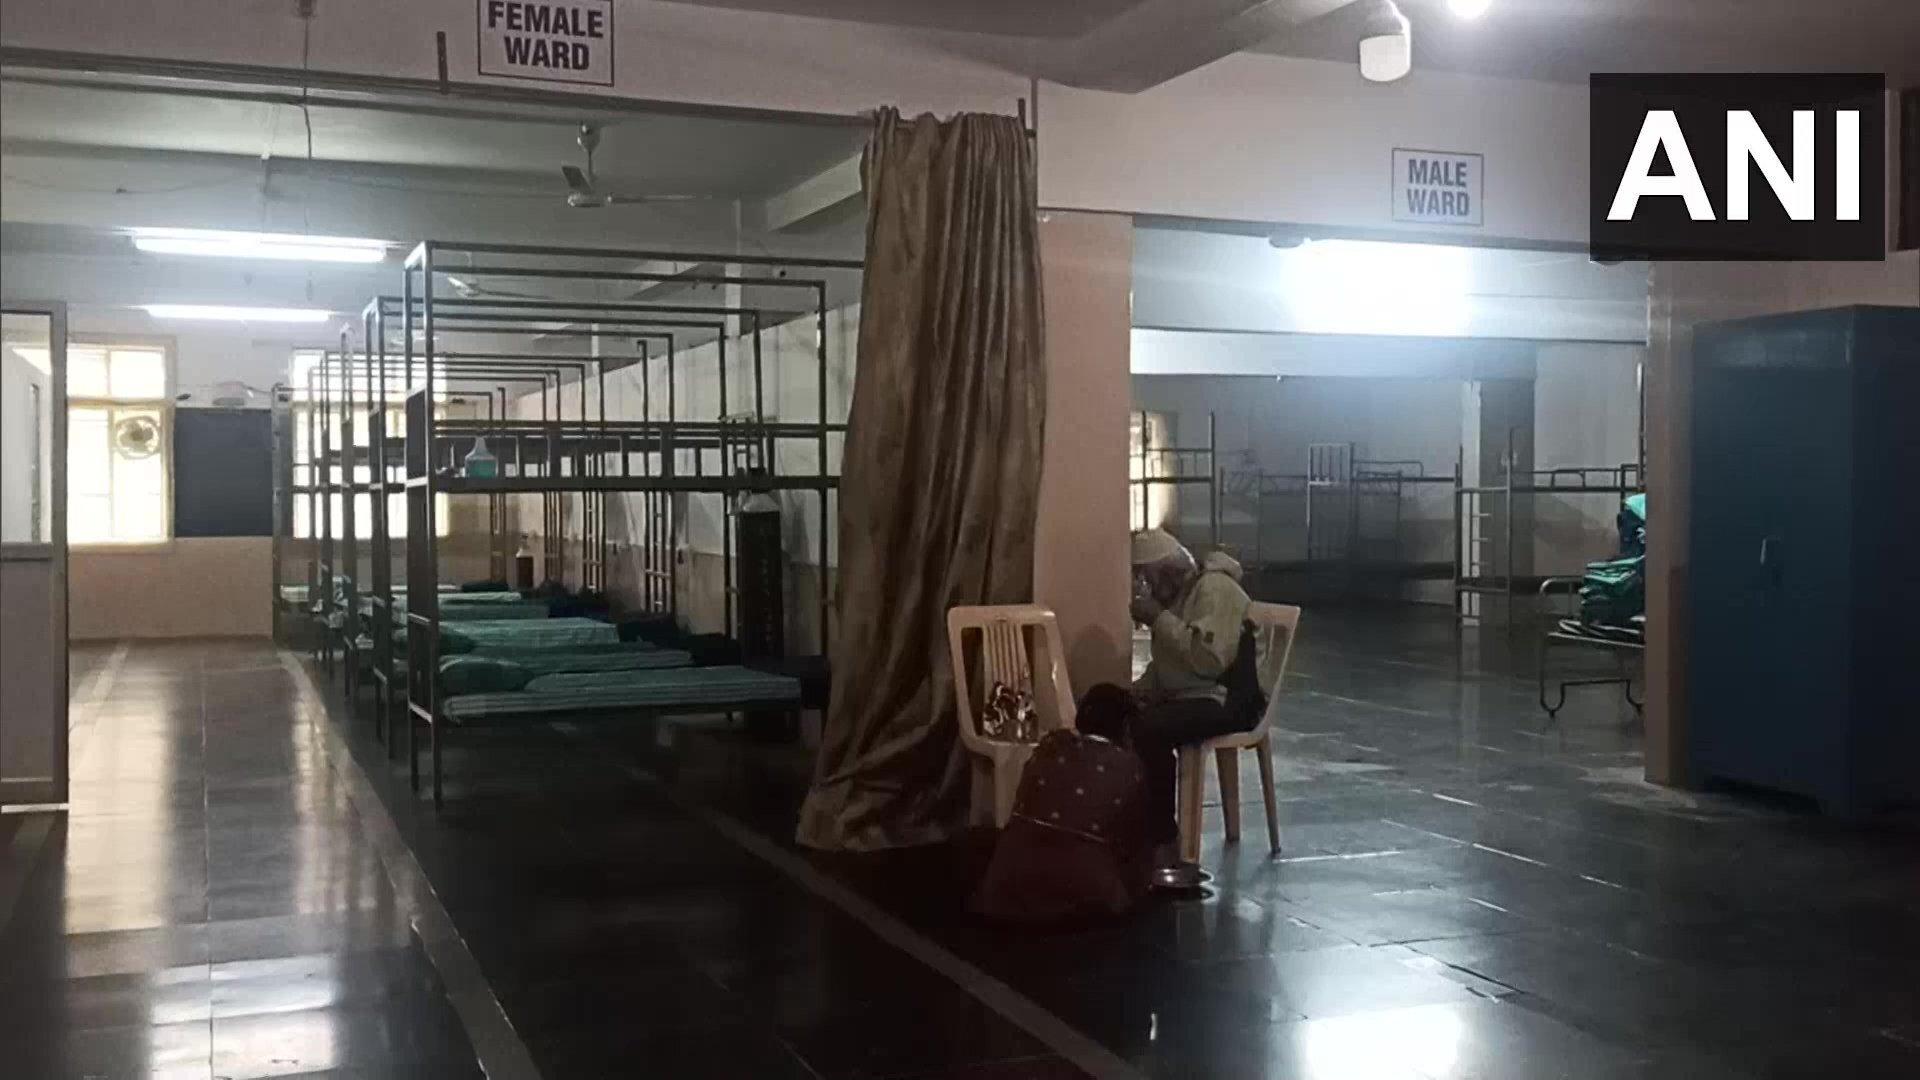 കൊവിഡ് ചികിത്സാ കേന്ദ്രമാക്കി മാറ്റി മദ്രസ- ചിത്രങ്ങൾ കാണാം